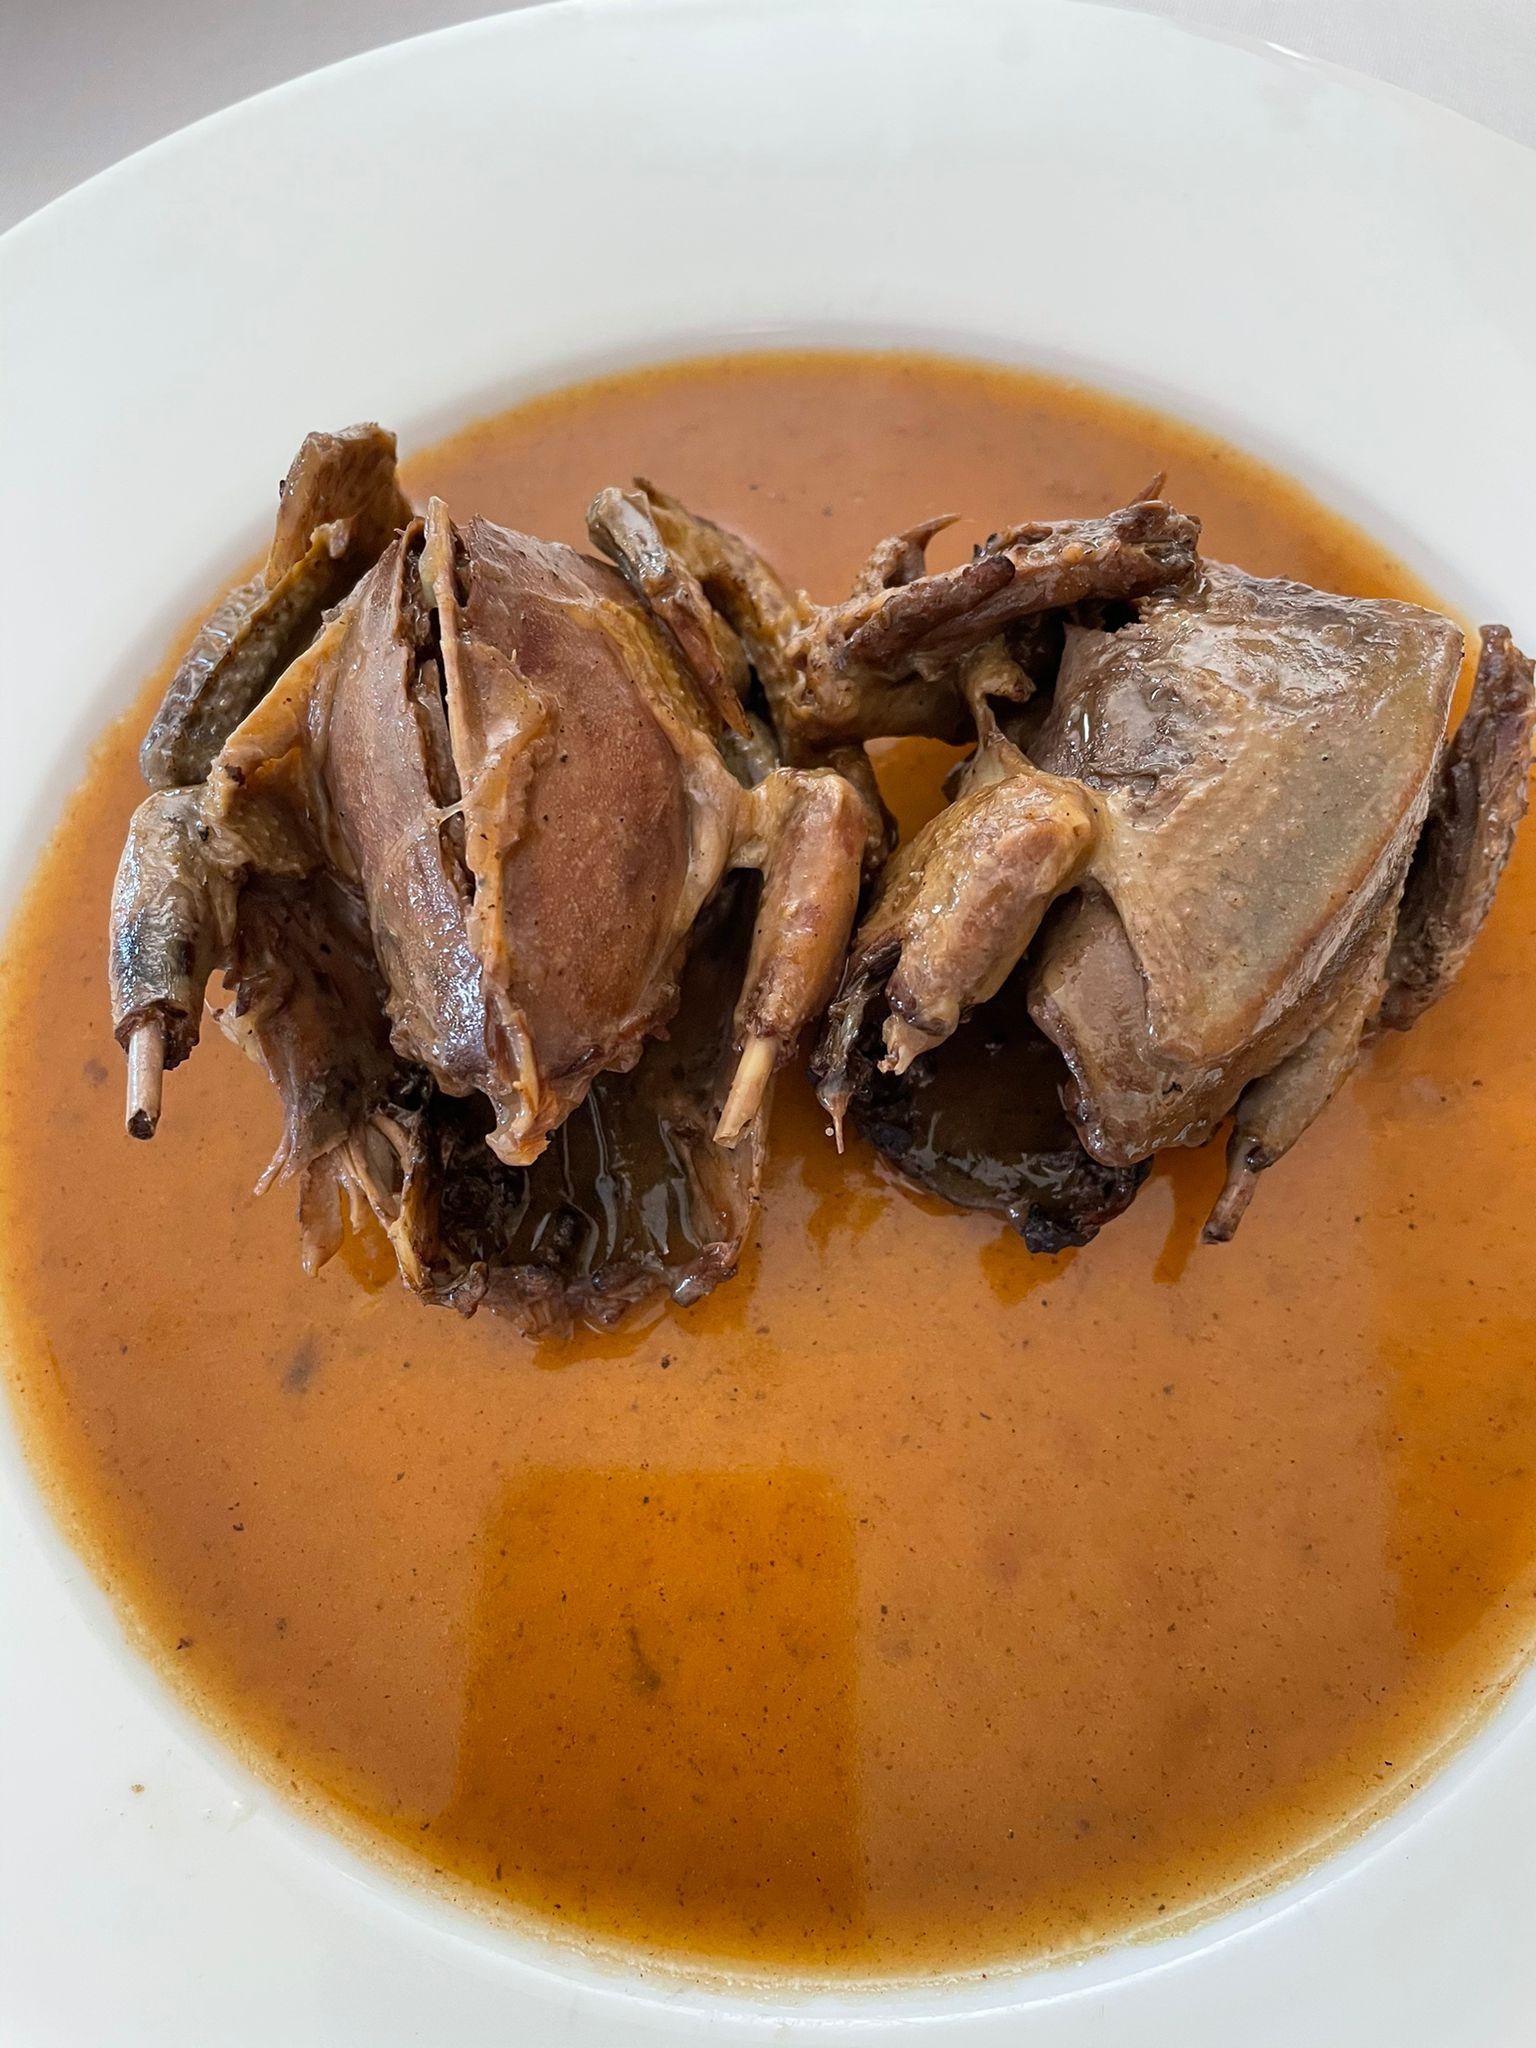 Reseñas gastronómicas. Restaurante Lera en Castroverde de Campos 2